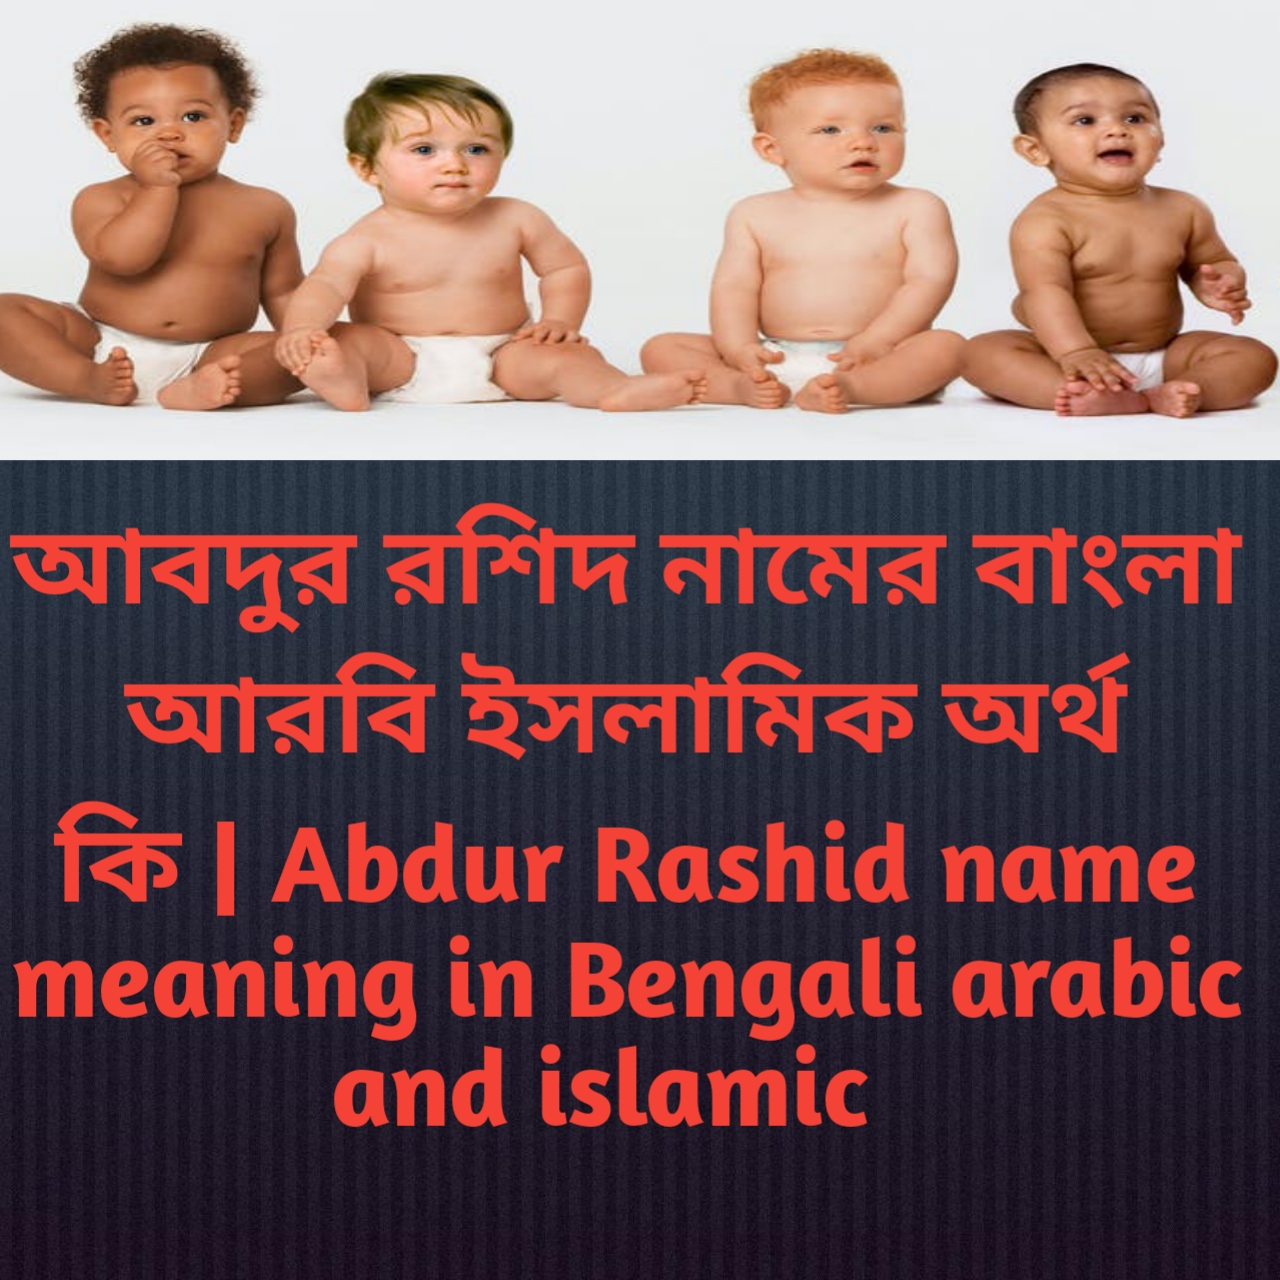 আবদুর রশিদ নামের অর্থ কি, আবদুর রশিদ নামের বাংলা অর্থ কি, আবদুর রশিদ নামের ইসলামিক অর্থ কি, Abdur Rashid name meaning in Bengali, আবদুর রশিদ কি ইসলামিক নাম,